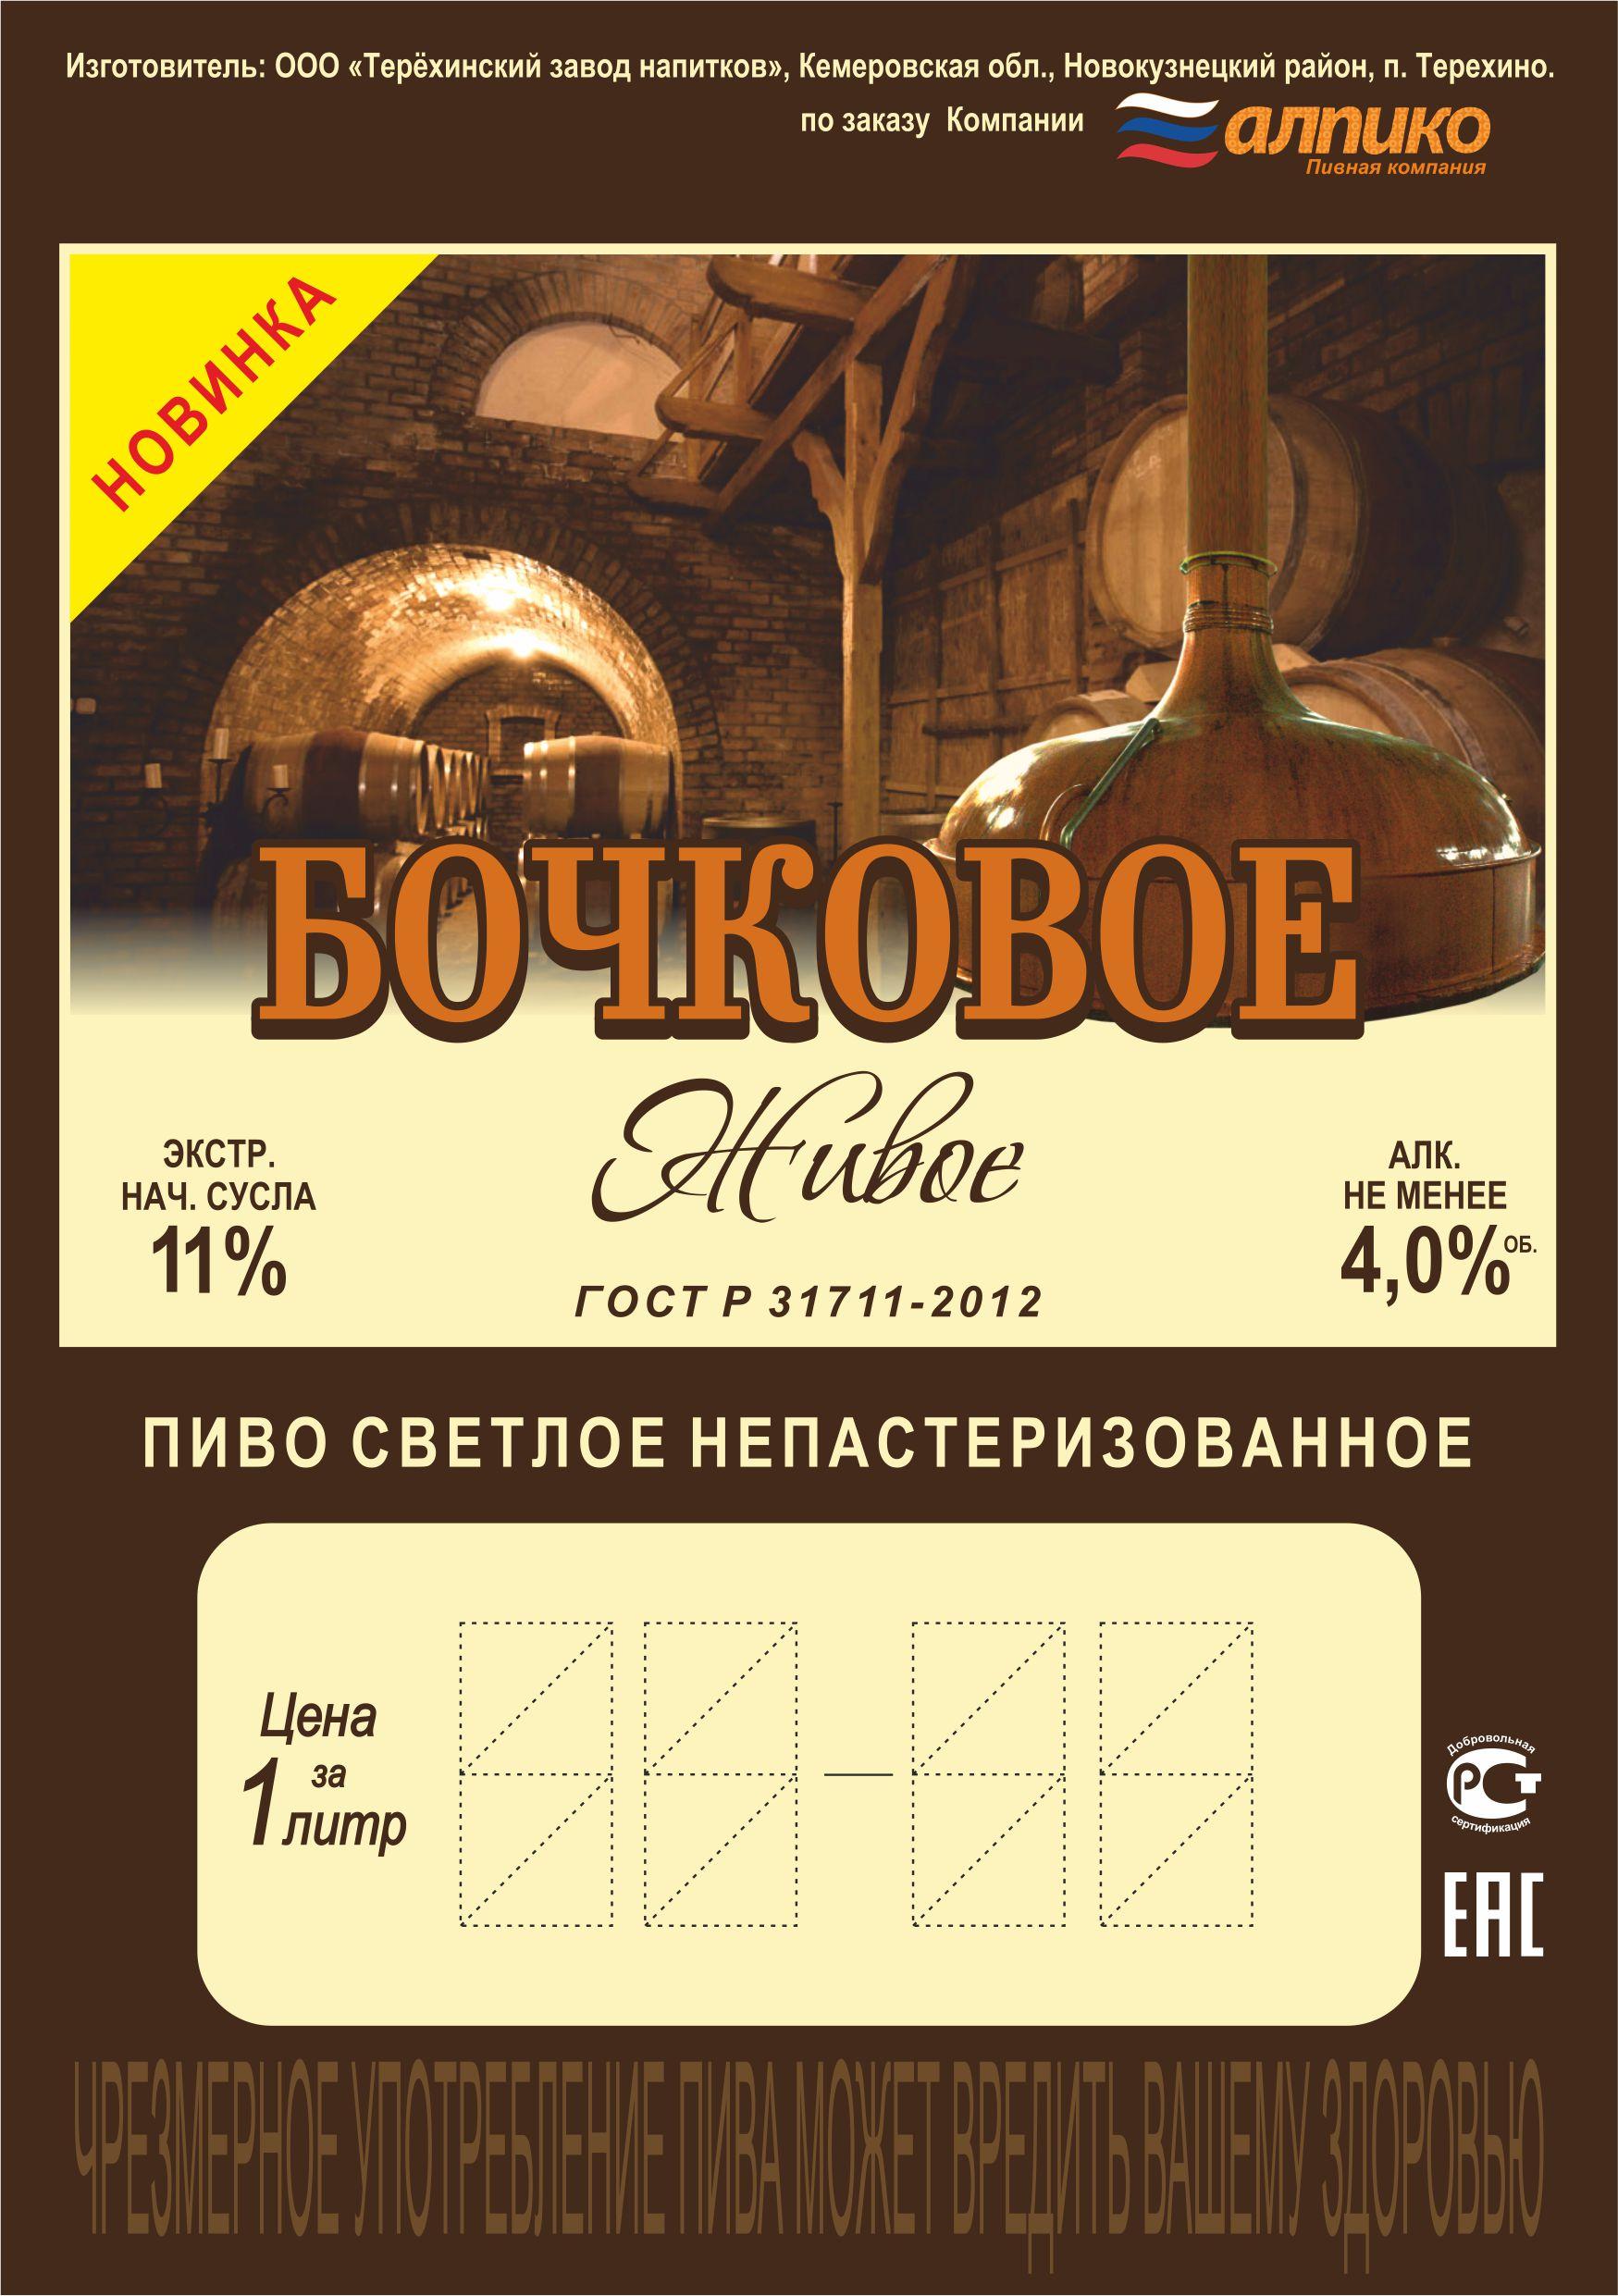 Ценник_бочковое_без акции